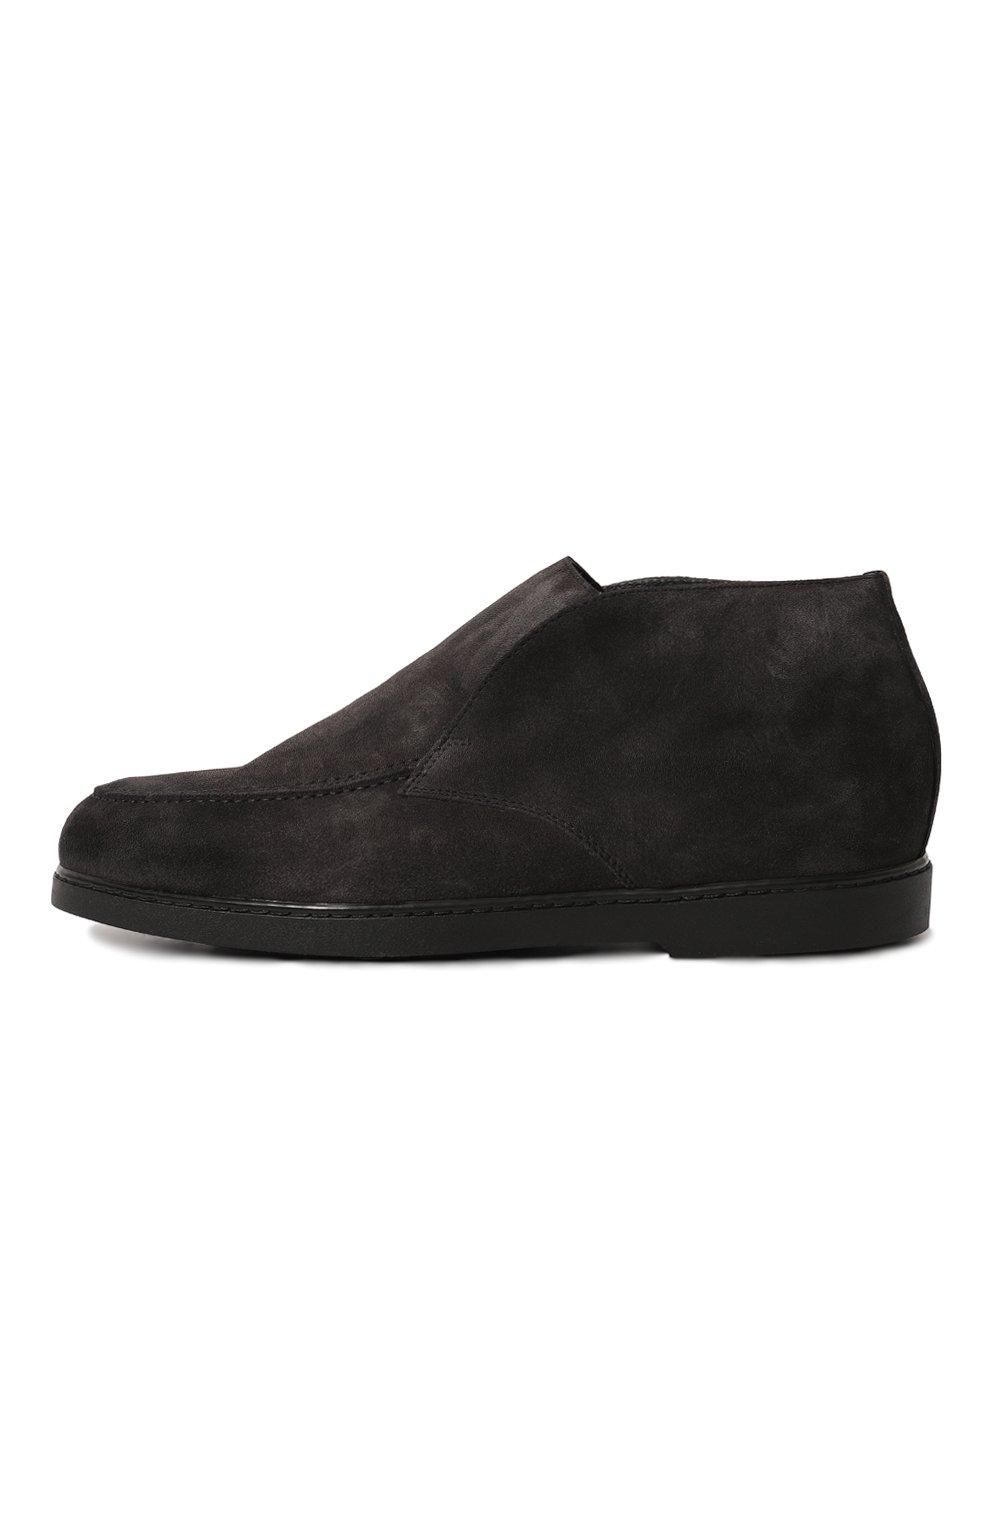 Мужские замшевые ботинки DOUCAL'S темно-серого цвета, арт. DU2654ED0-UM024NN05 | Фото 4 (Материал утеплителя: Натуральный мех; Мужское Кросс-КТ: Ботинки-обувь, зимние ботинки; Подошва: Плоская; Материал внешний: Замша)